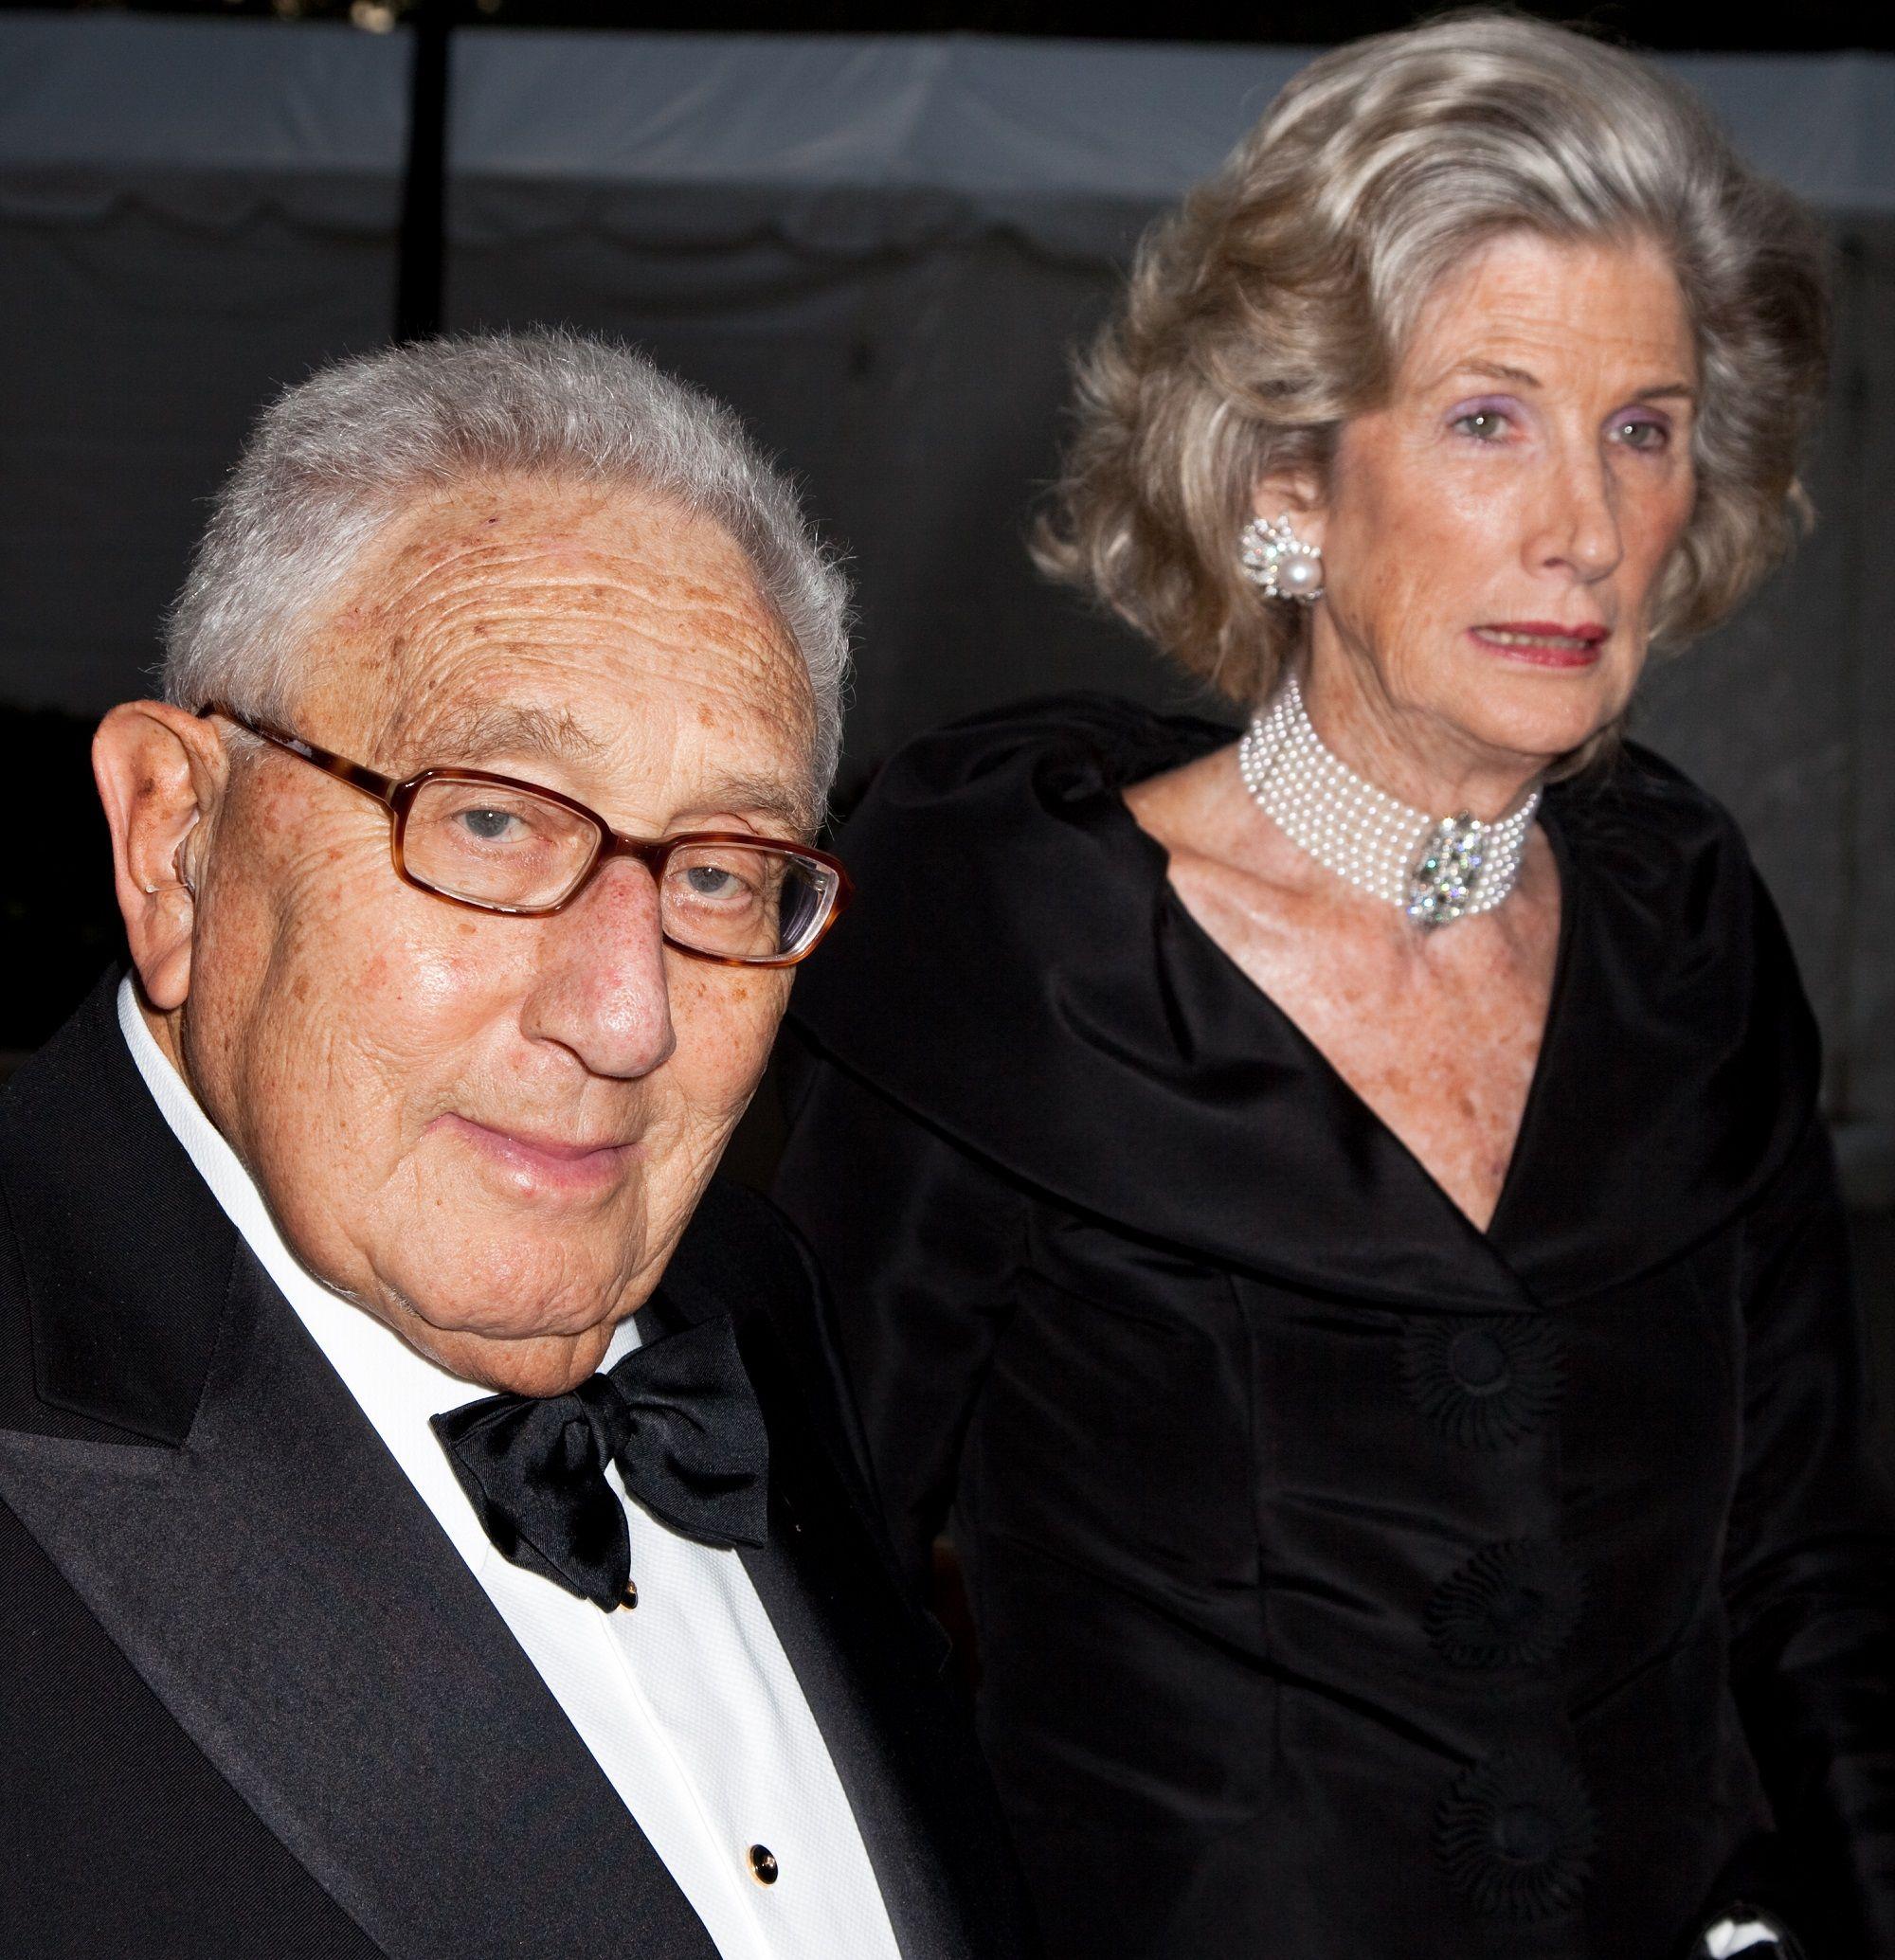 8. Henry Kissinger